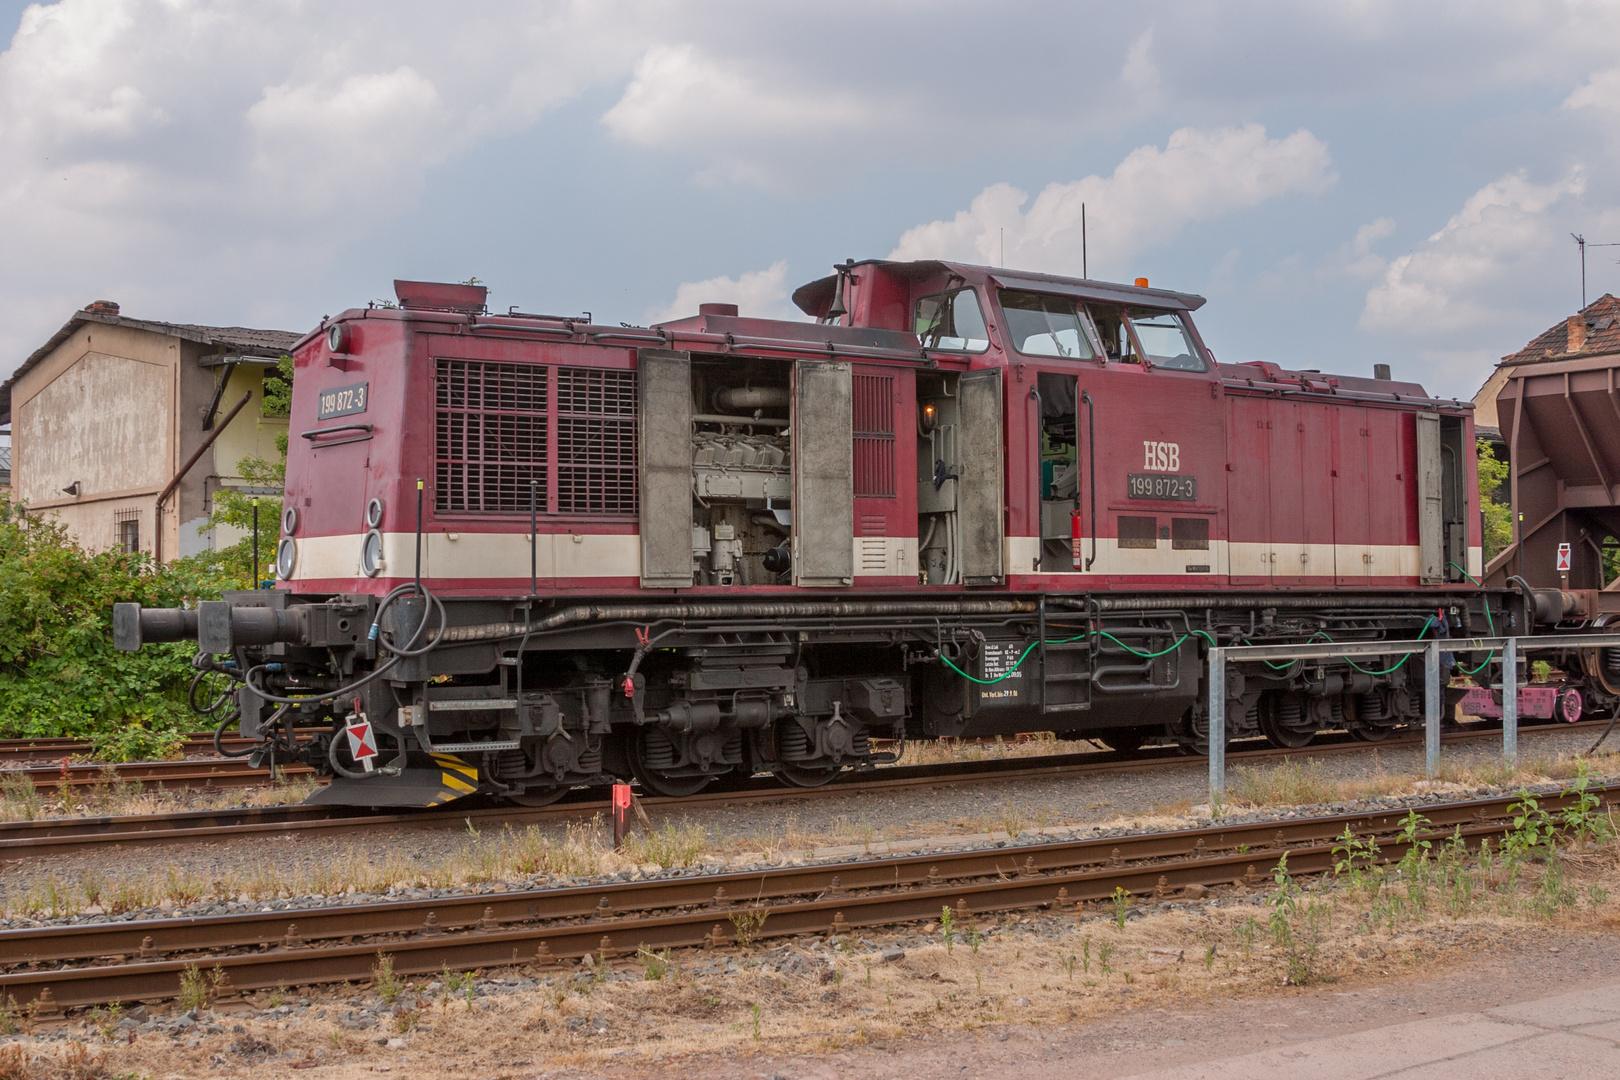 Nordhausen, 199 872-3